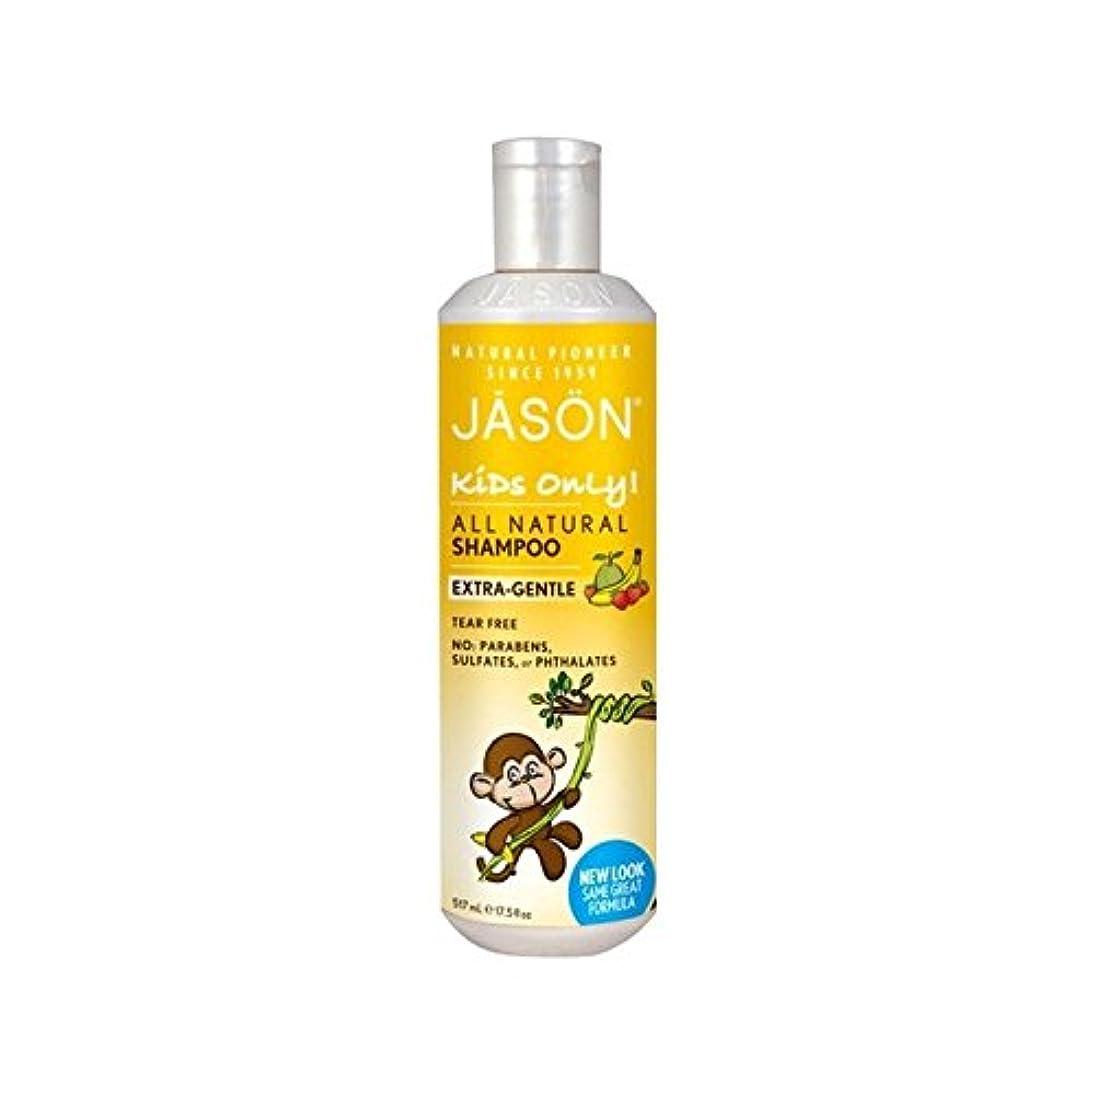 クリック小切手超高層ビルジェイソンの子供だけ!余分な優しいシャンプー(517ミリリットル) x4 - Jason Kids Only! Extra Gentle Shampoo (517ml) (Pack of 4) [並行輸入品]